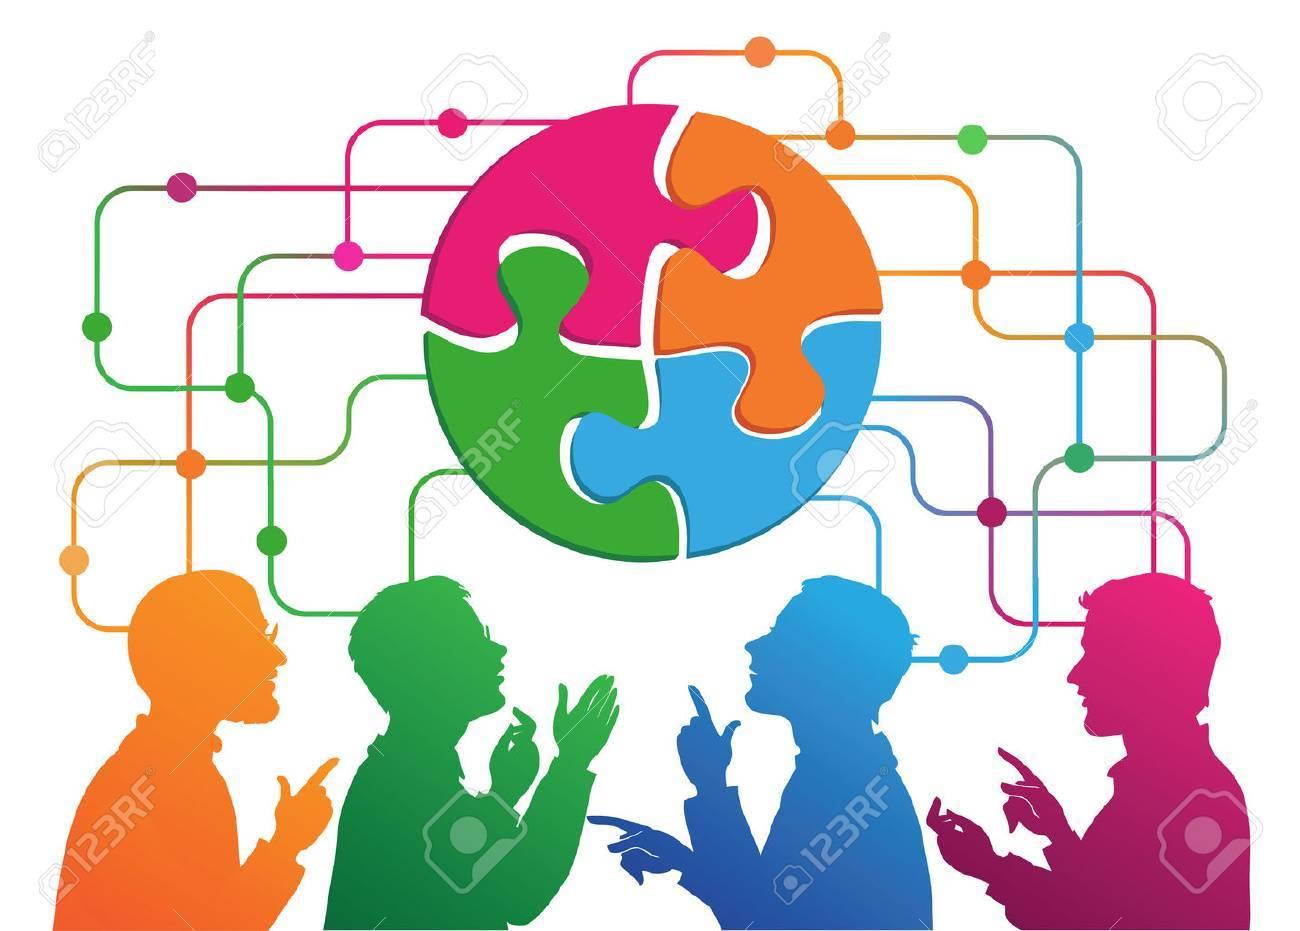 Social Media Circles, Network Illustration, Vector. - 59138578